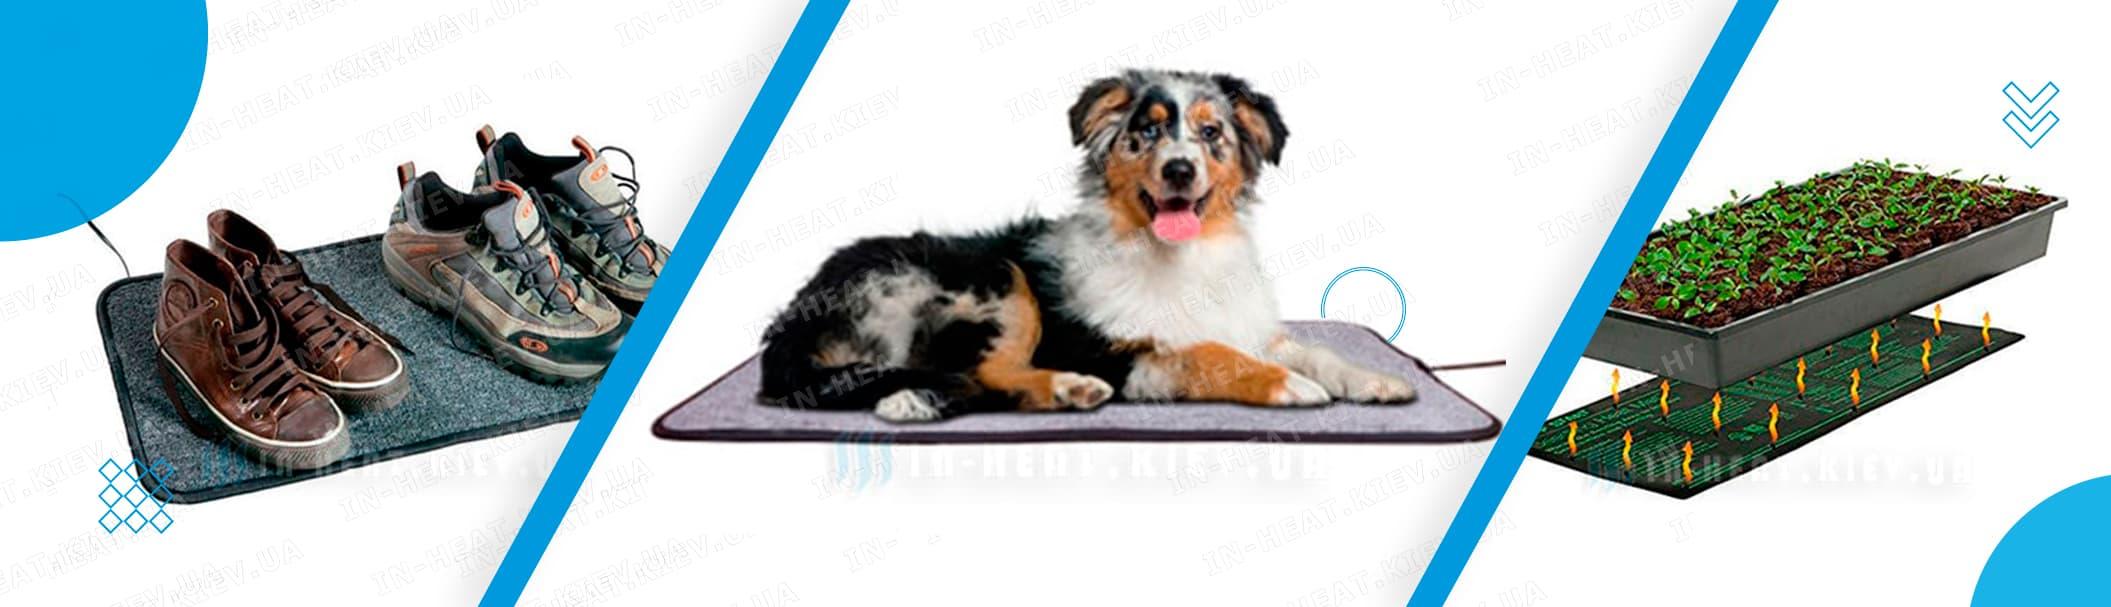 Область применения инфракрасного коврика с подогревом